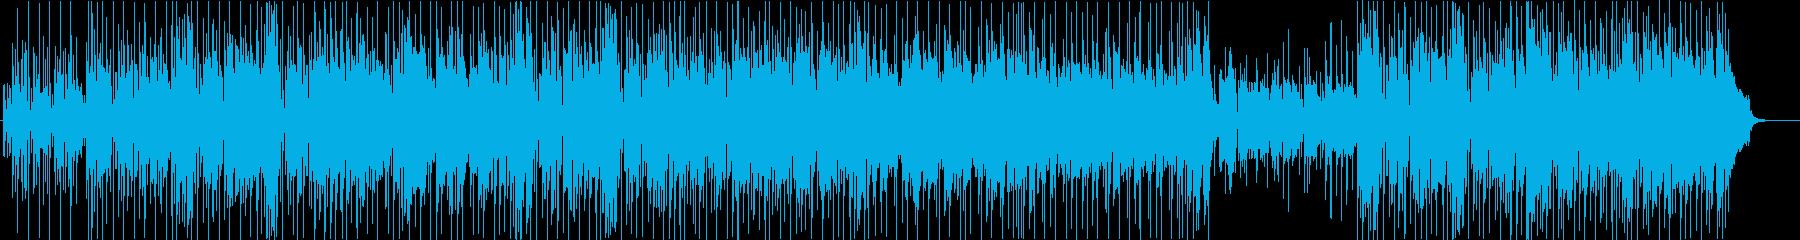 C調でナンパな80'sシティポップの再生済みの波形